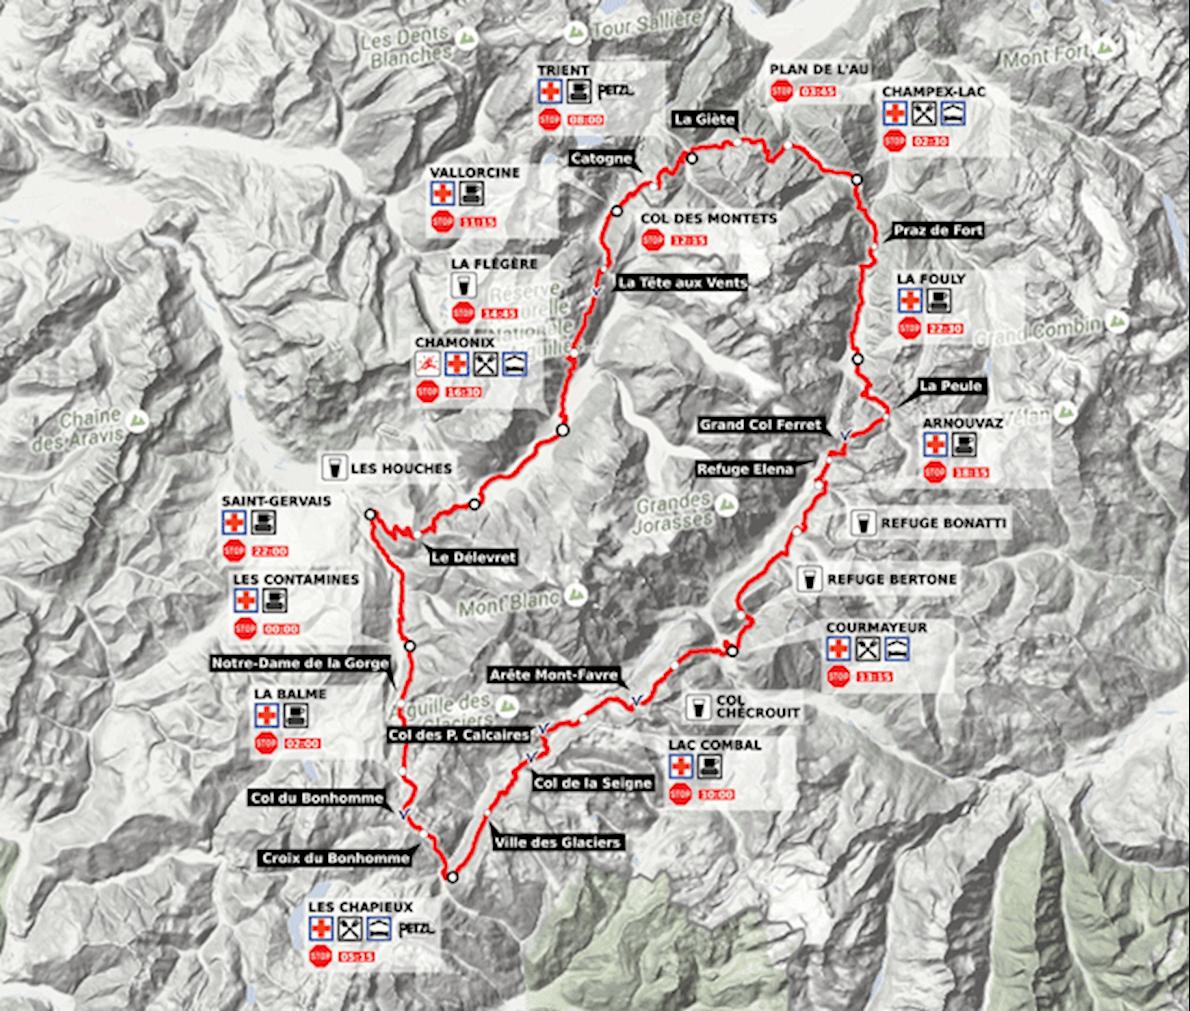 Ultra Trail du Mont-Blanc Mappa del percorso